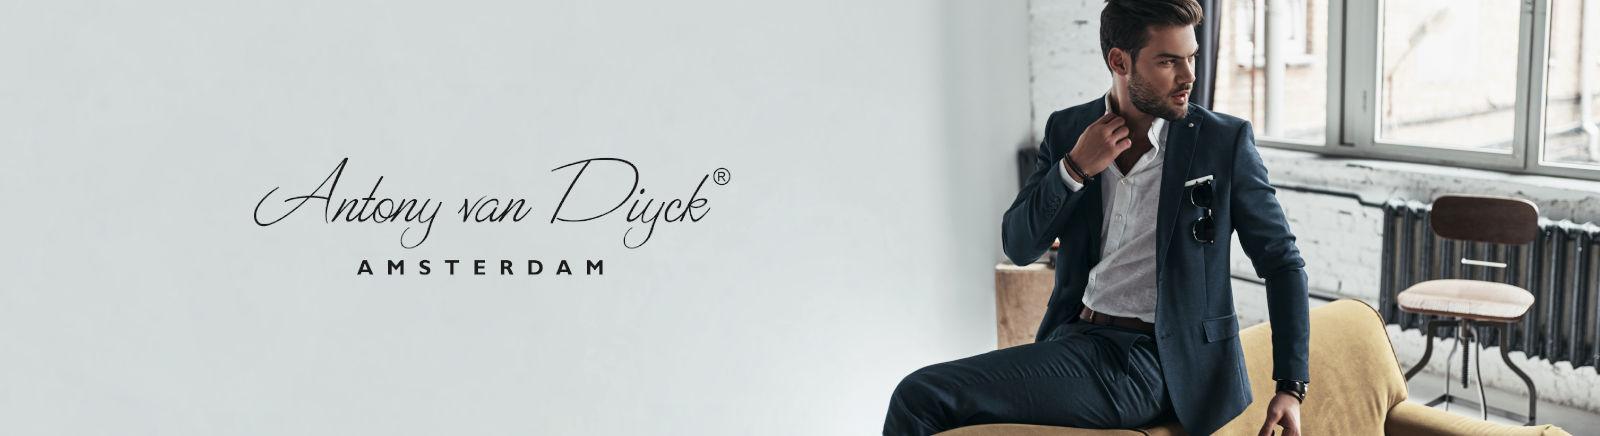 Antony van Diyck Herrenschuhe ► online kaufen bei Prange